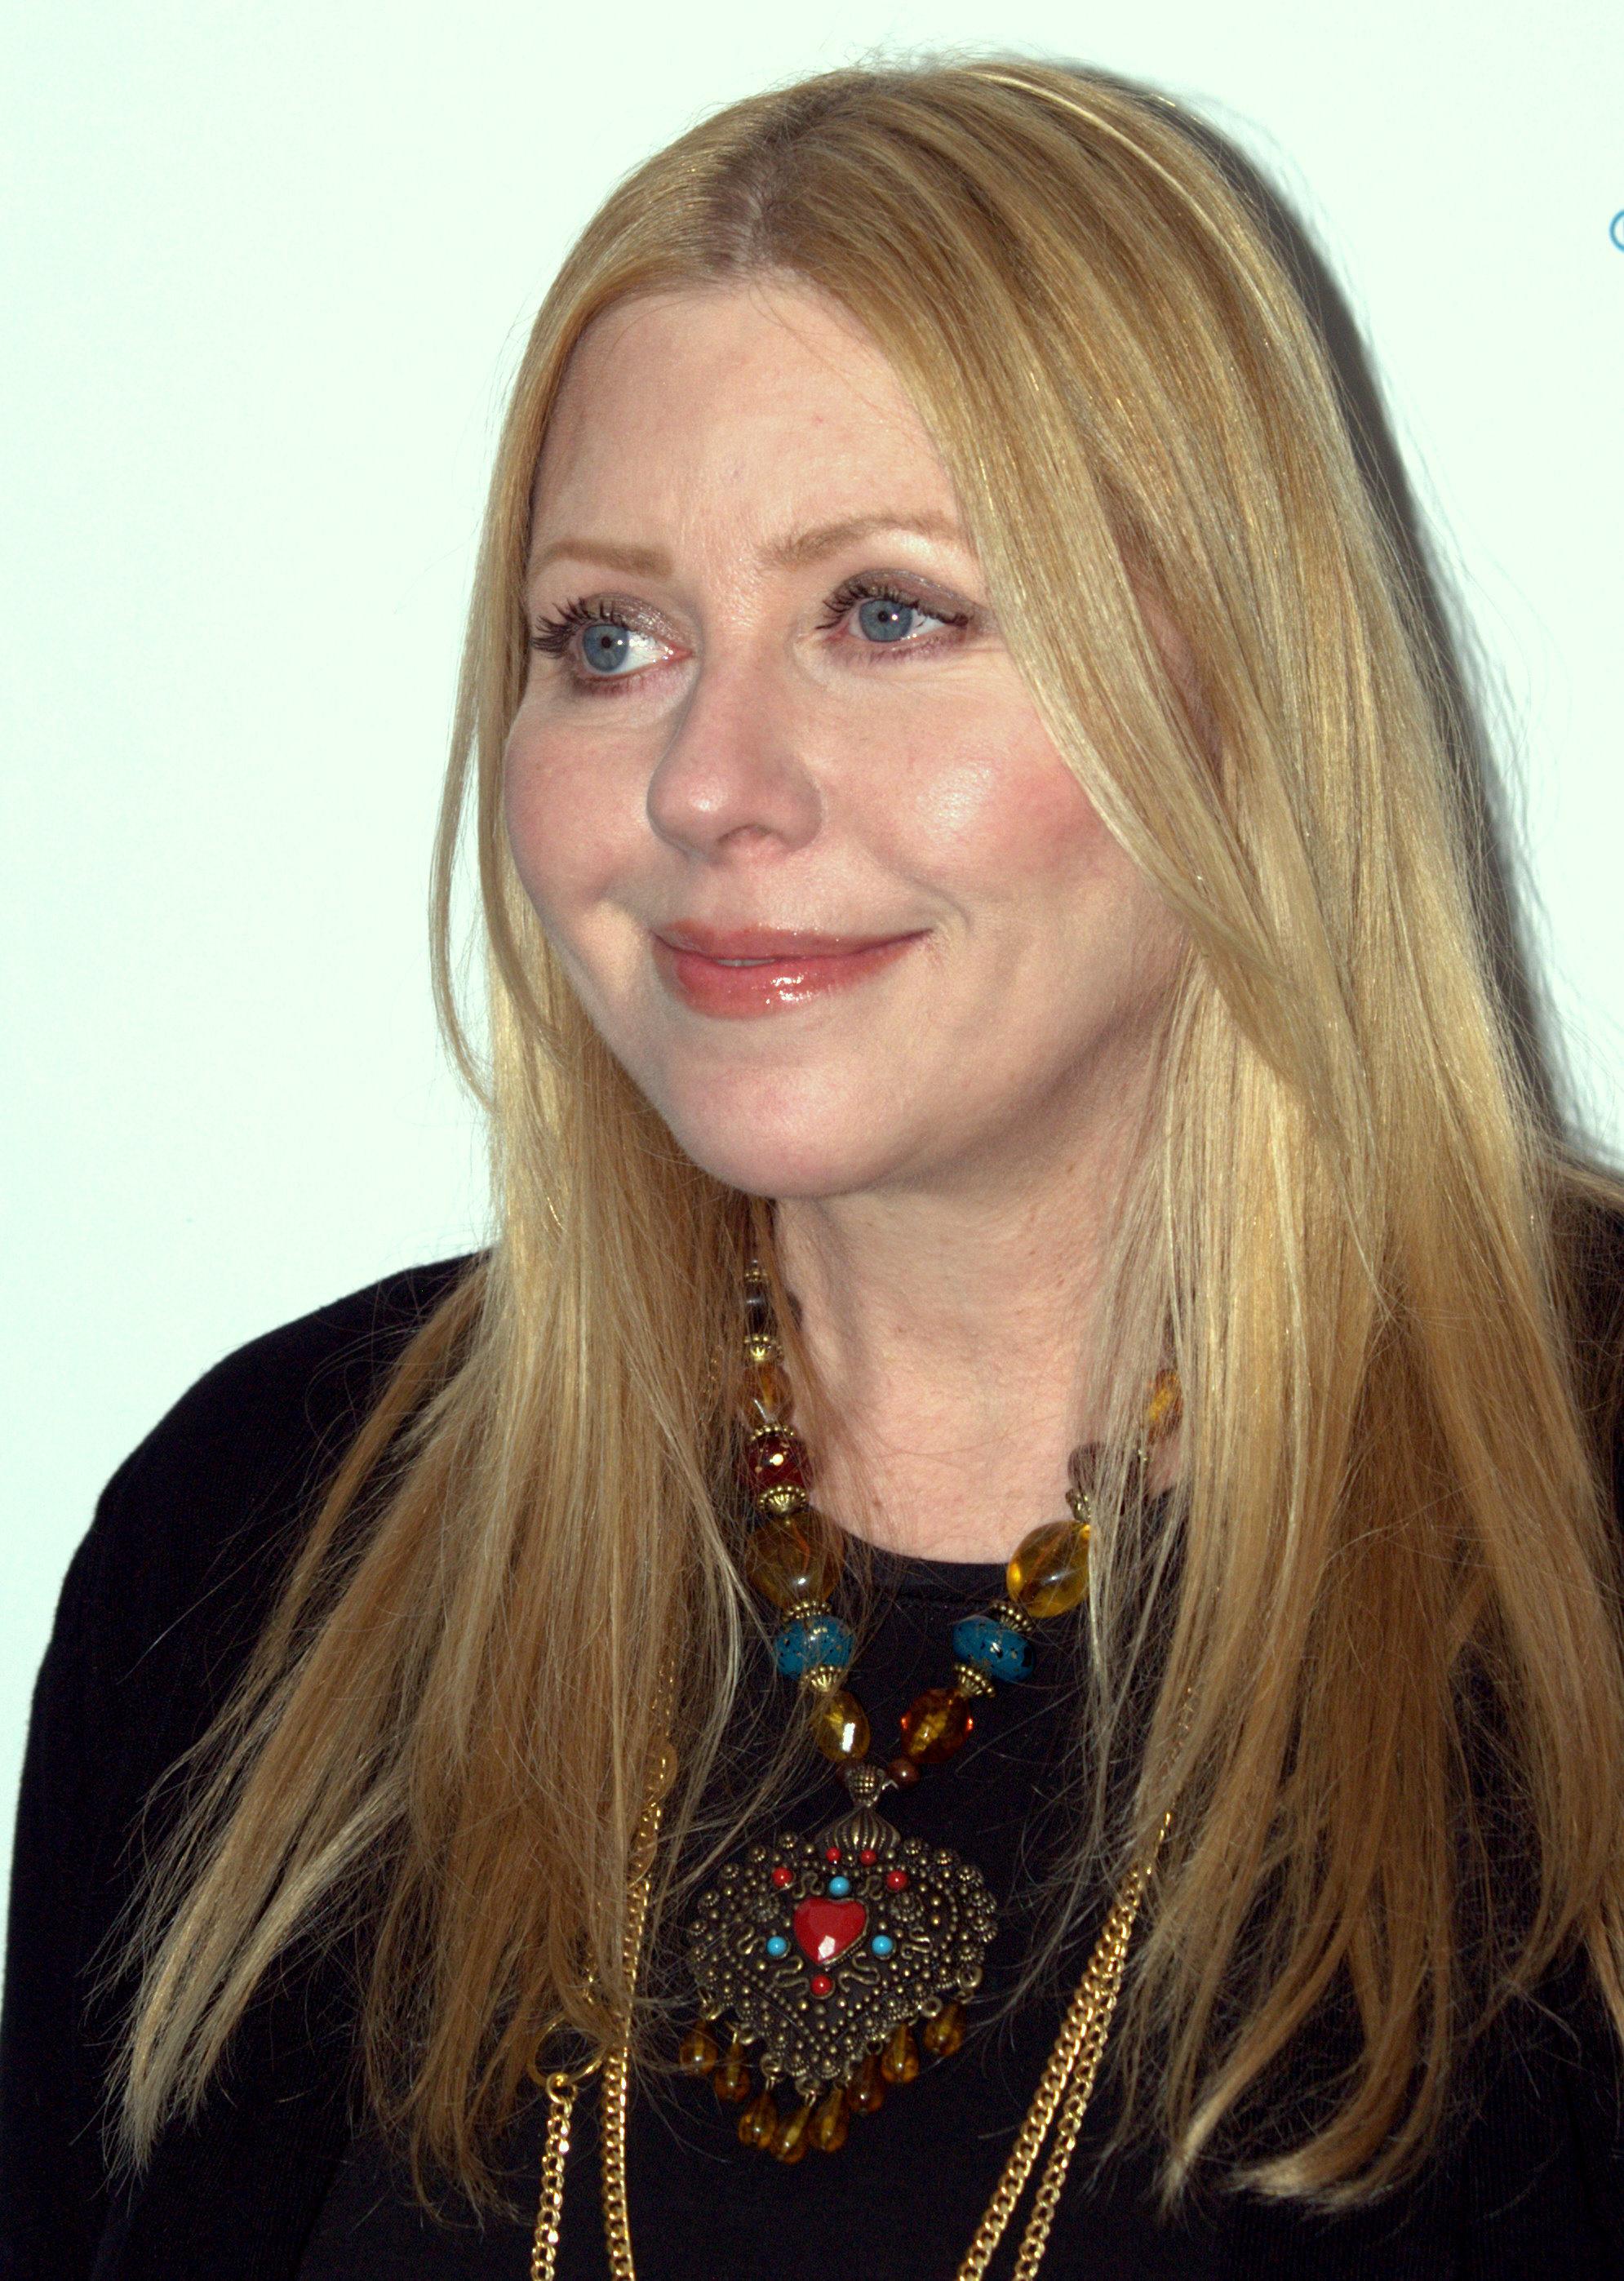 Description Bebe Buell at the 2009 Tribeca Film Festival.jpg